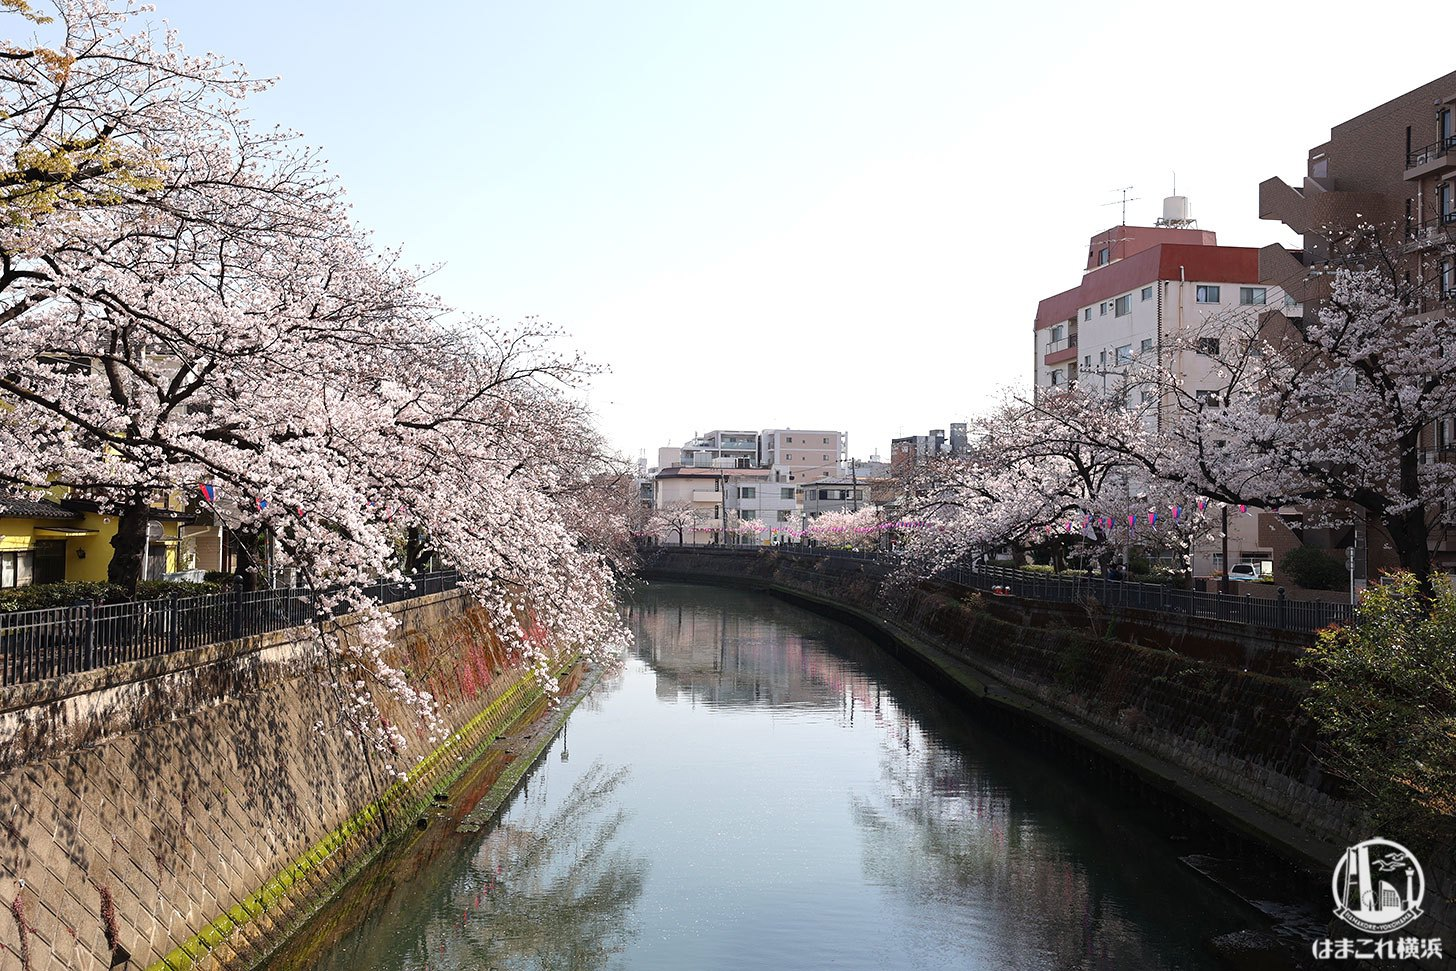 橋の上から見た大岡川沿いの桜